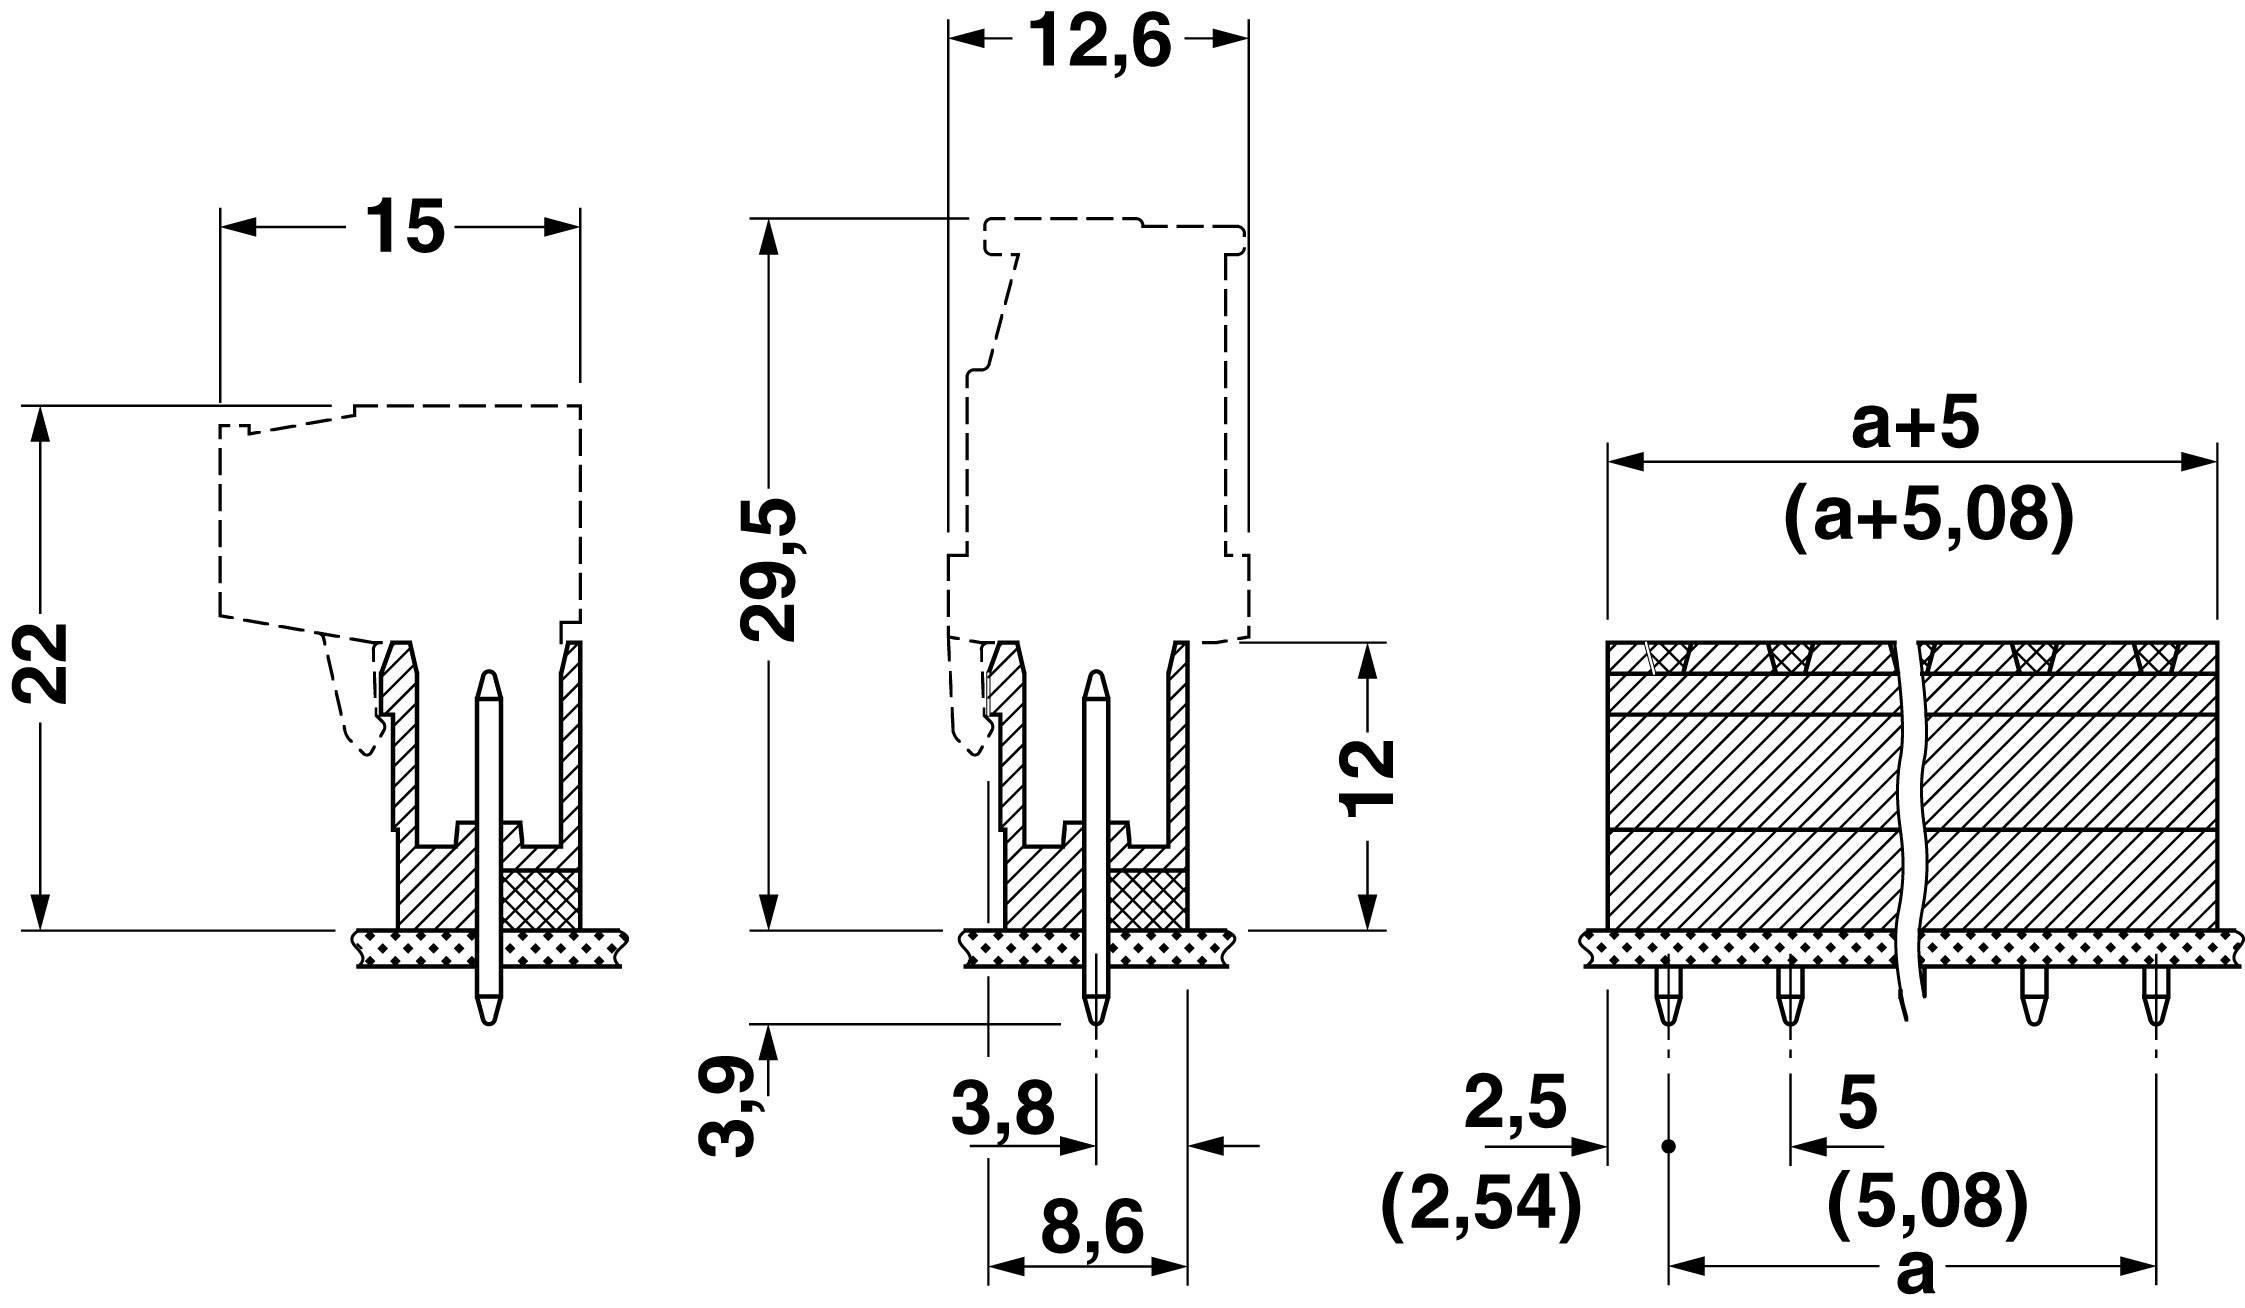 Svorkovnice 1řadá do DPS Phoenix Contact MSTBV 2,5/ 9-G-5,08 (1758089), 9pól., 9pól., zelená